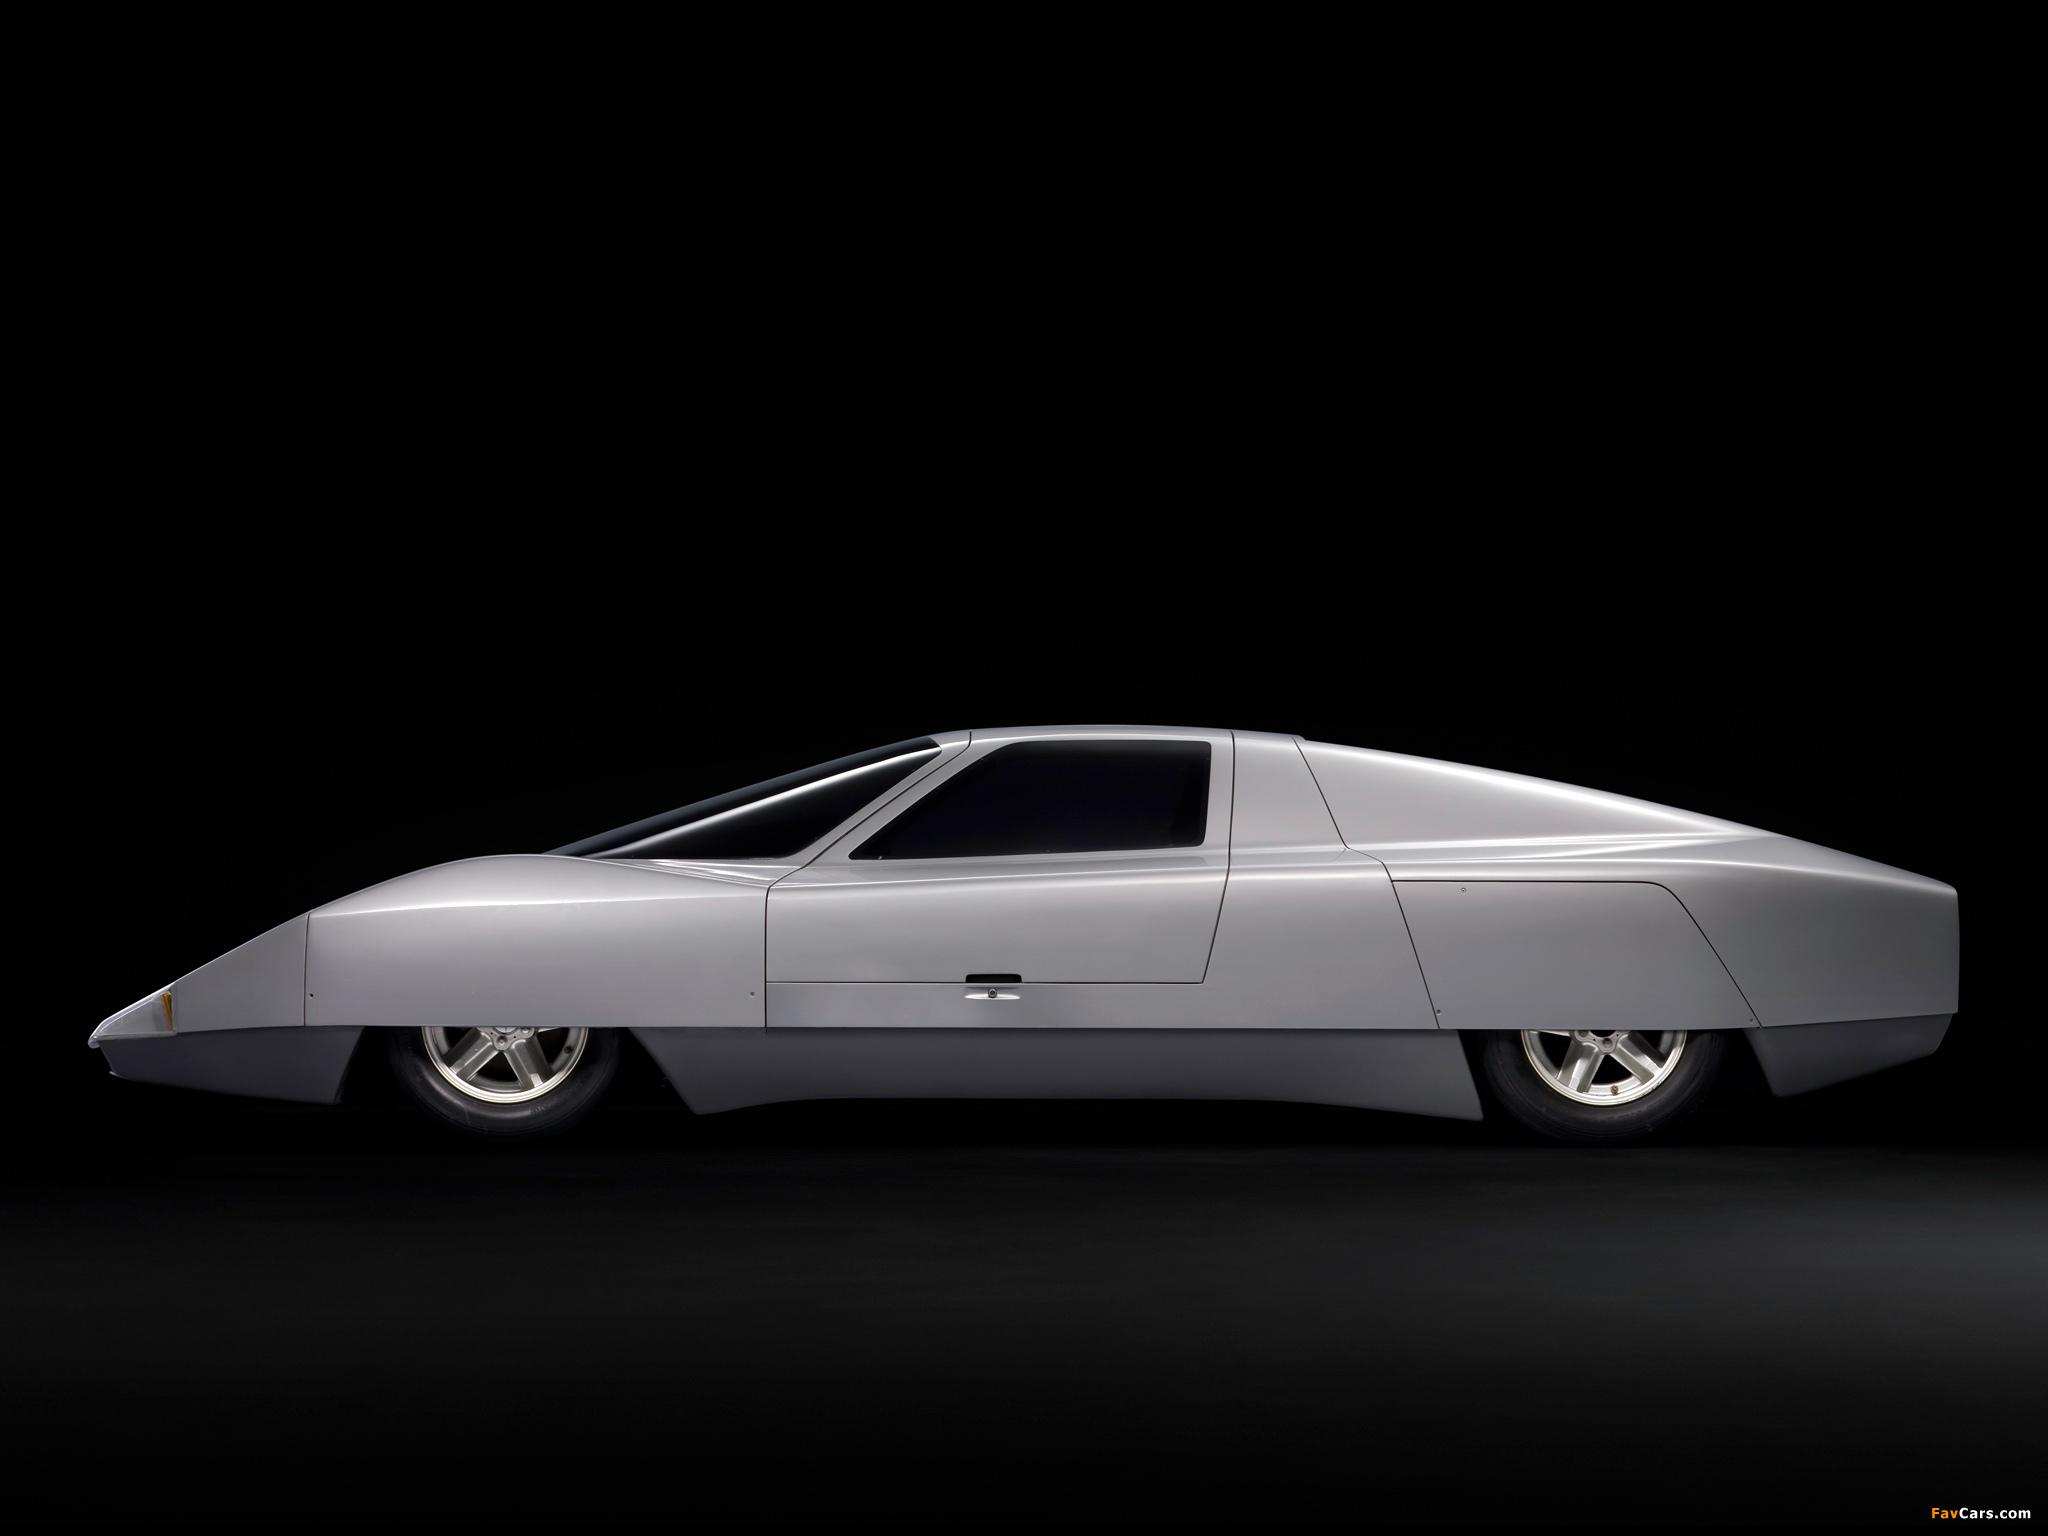 Mercedes-Benz C111-III Diesel Concept 1977 pictures (2048 x 1536)